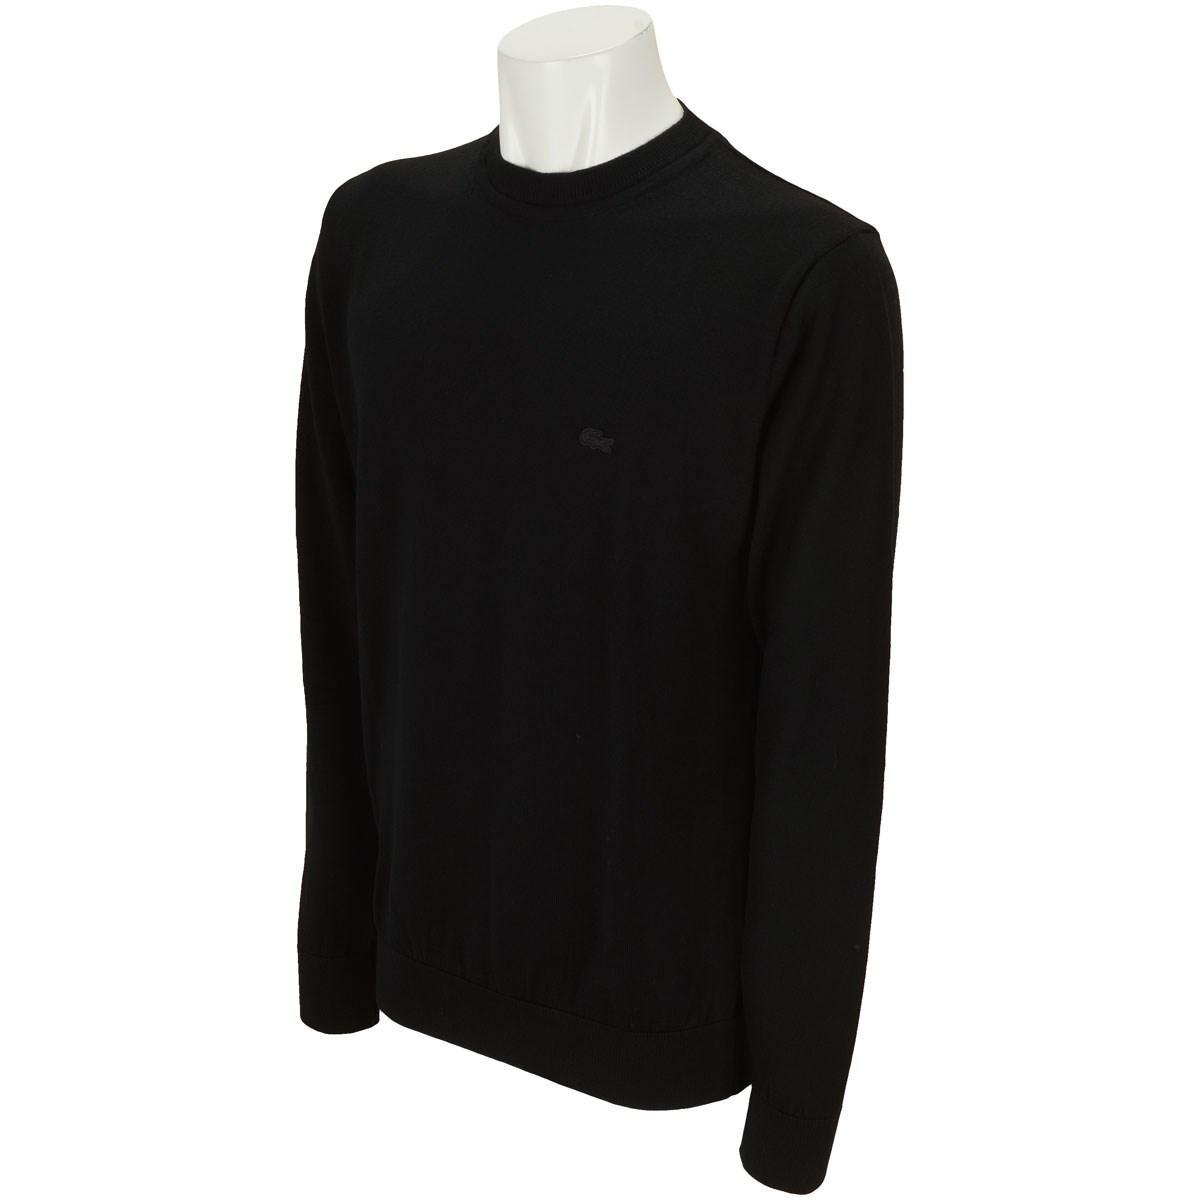 ラコステ クルーネック 長袖セーター